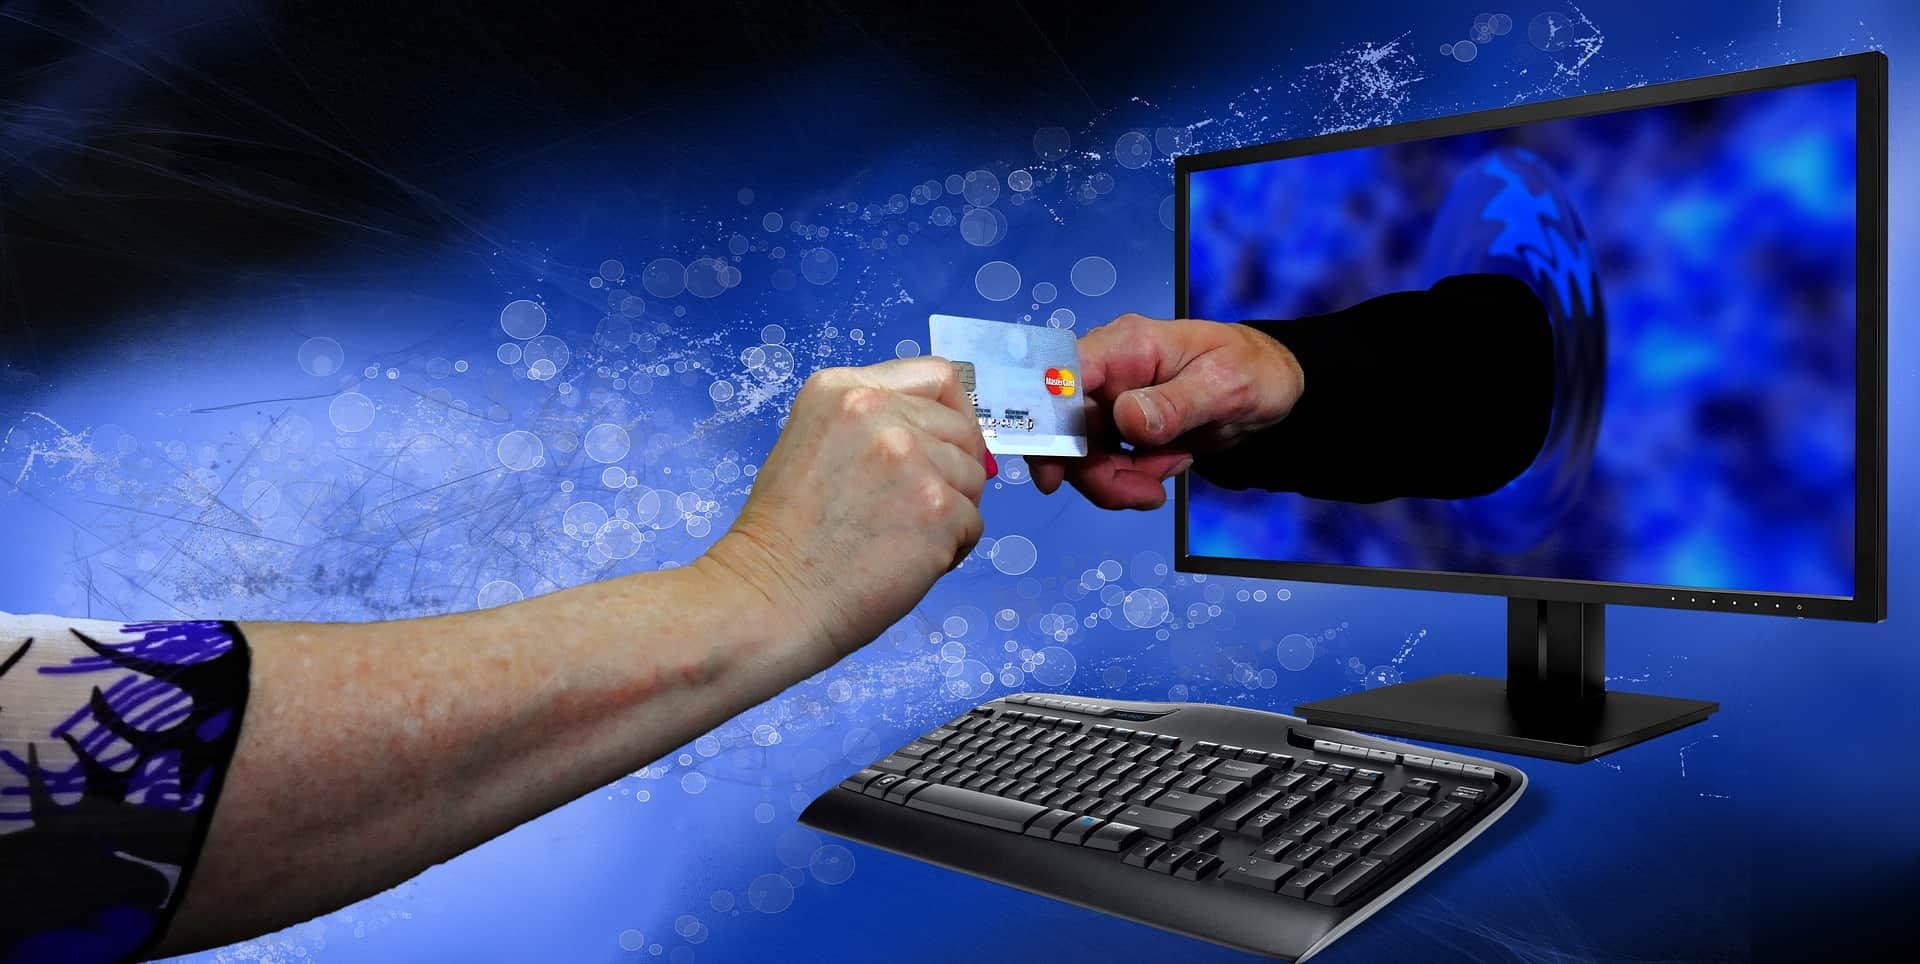 Betale med kredittkort